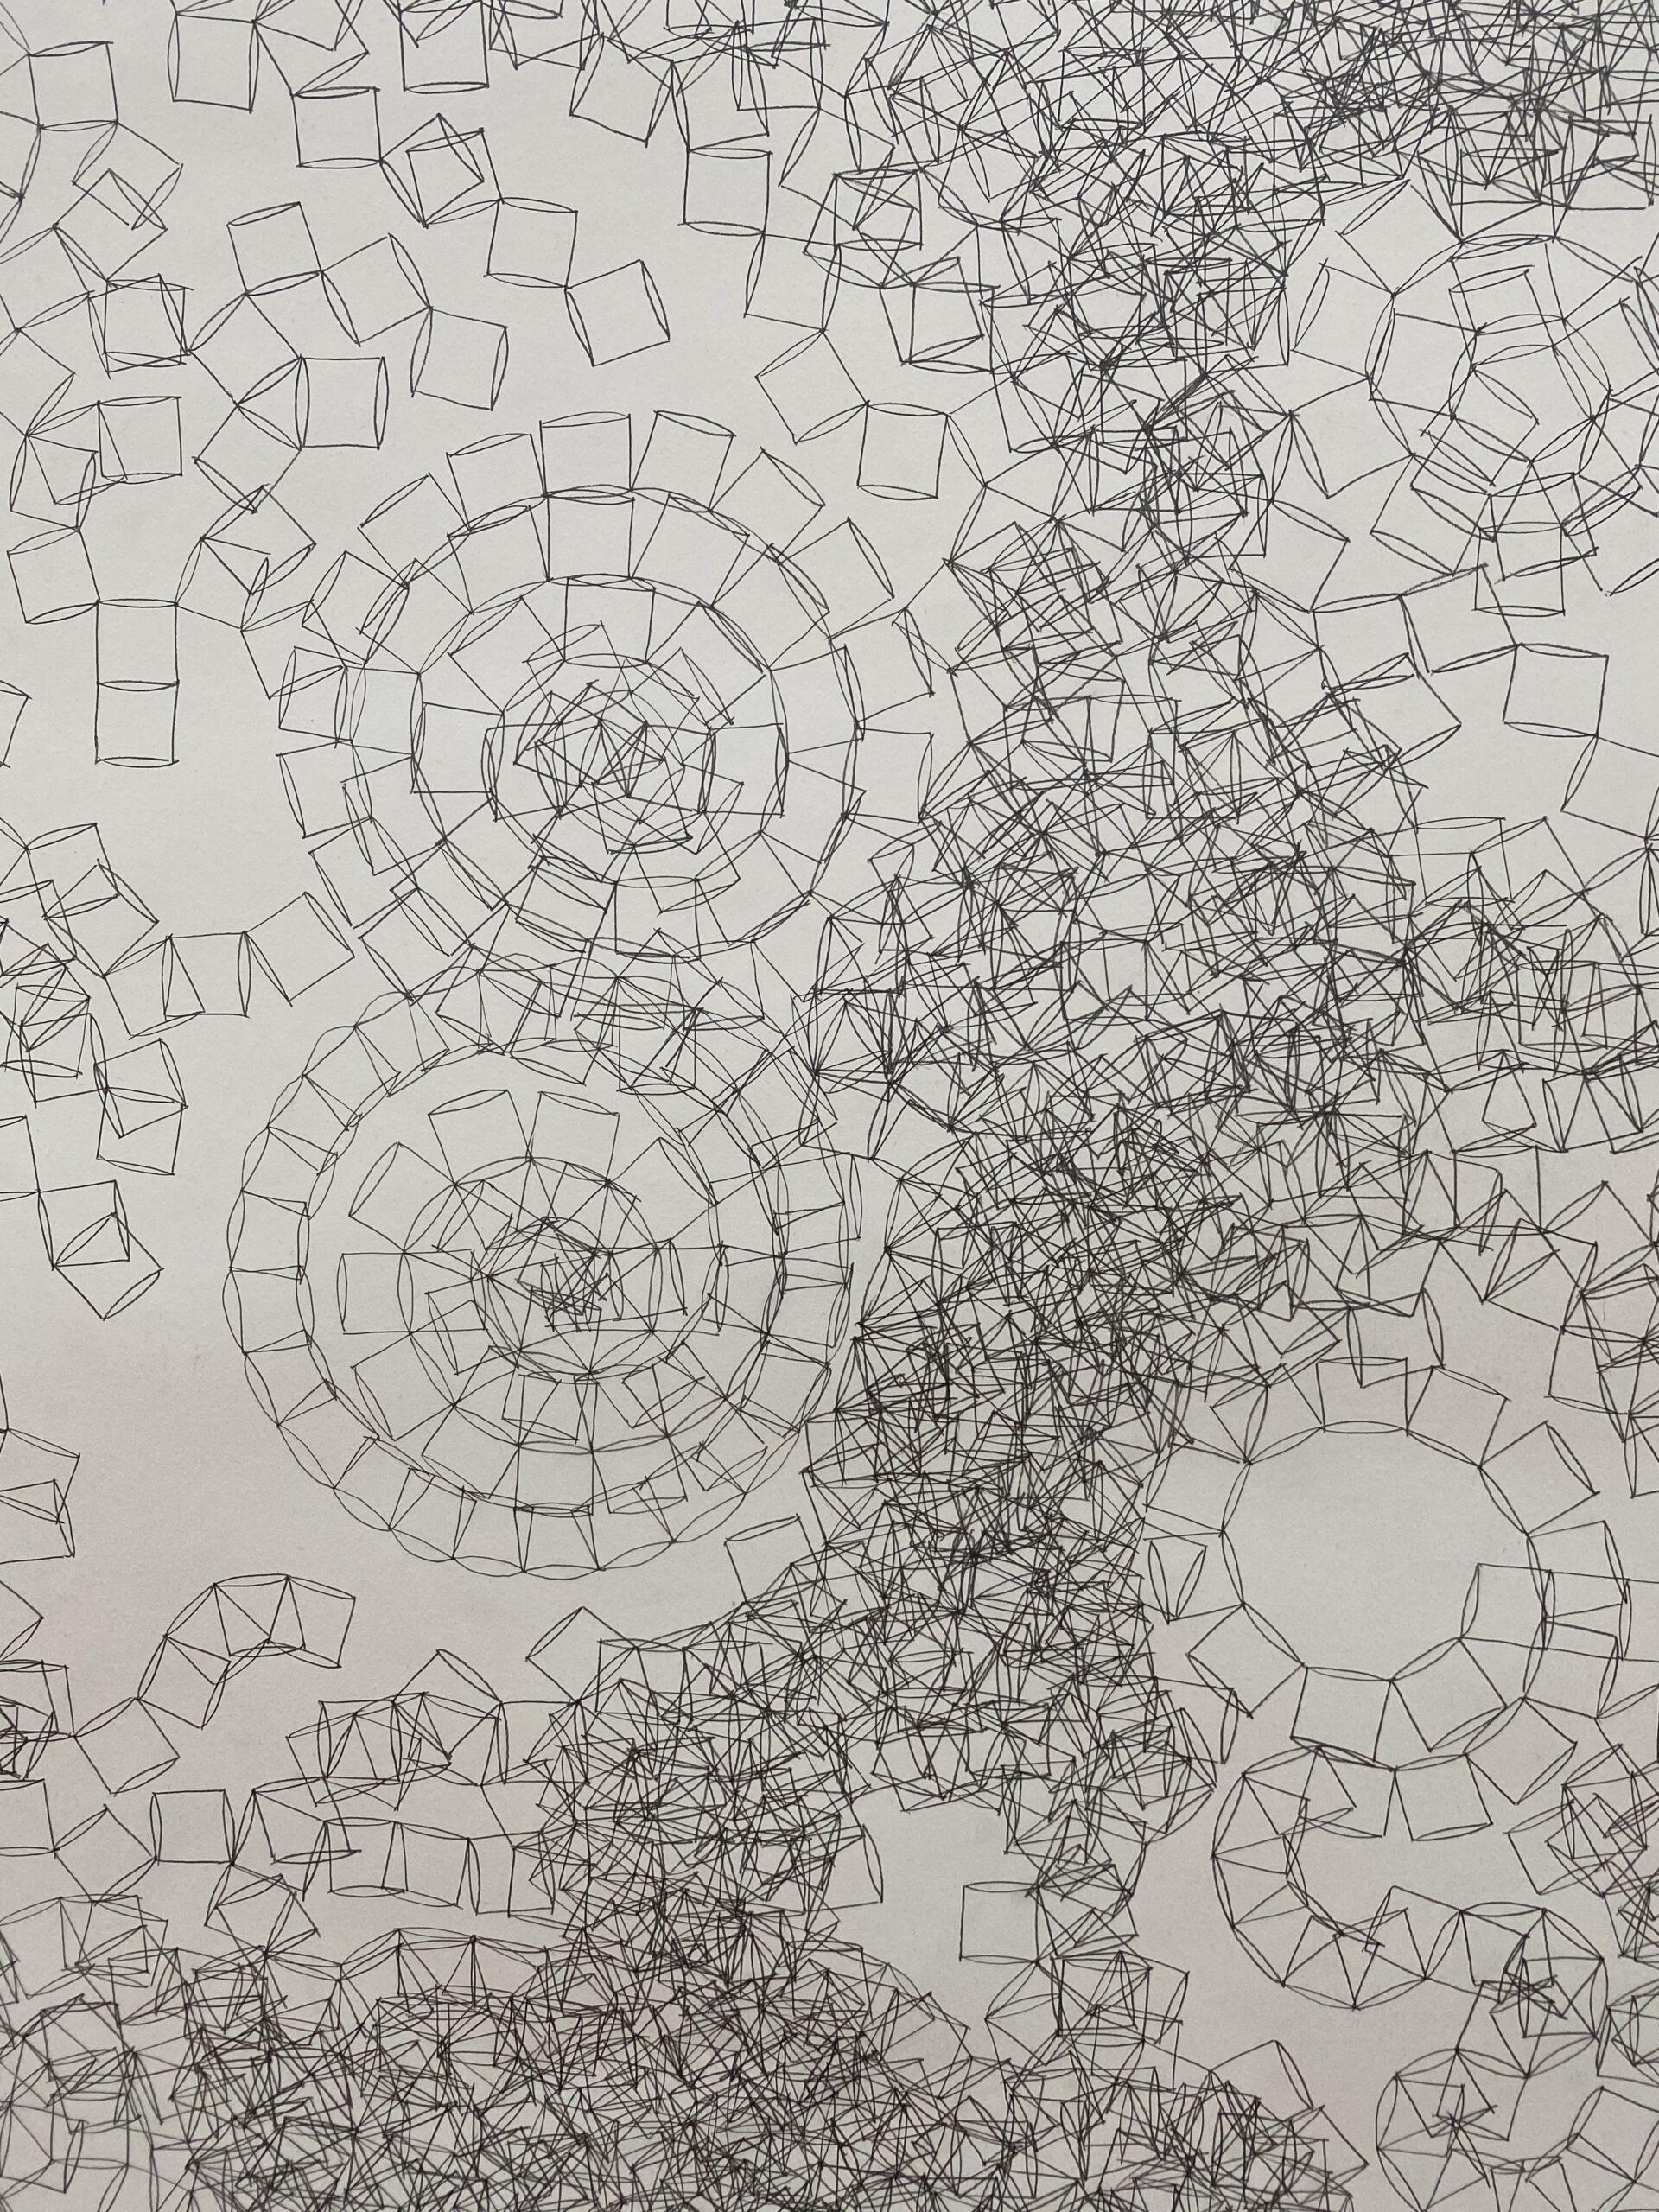 Glücksmomente der Woche vom 28. Mai bis 3. Juni 2020 - Detail von einem Bild von Kamilla Szij (mit Bleistift gezeichnete Formen auf Papier)